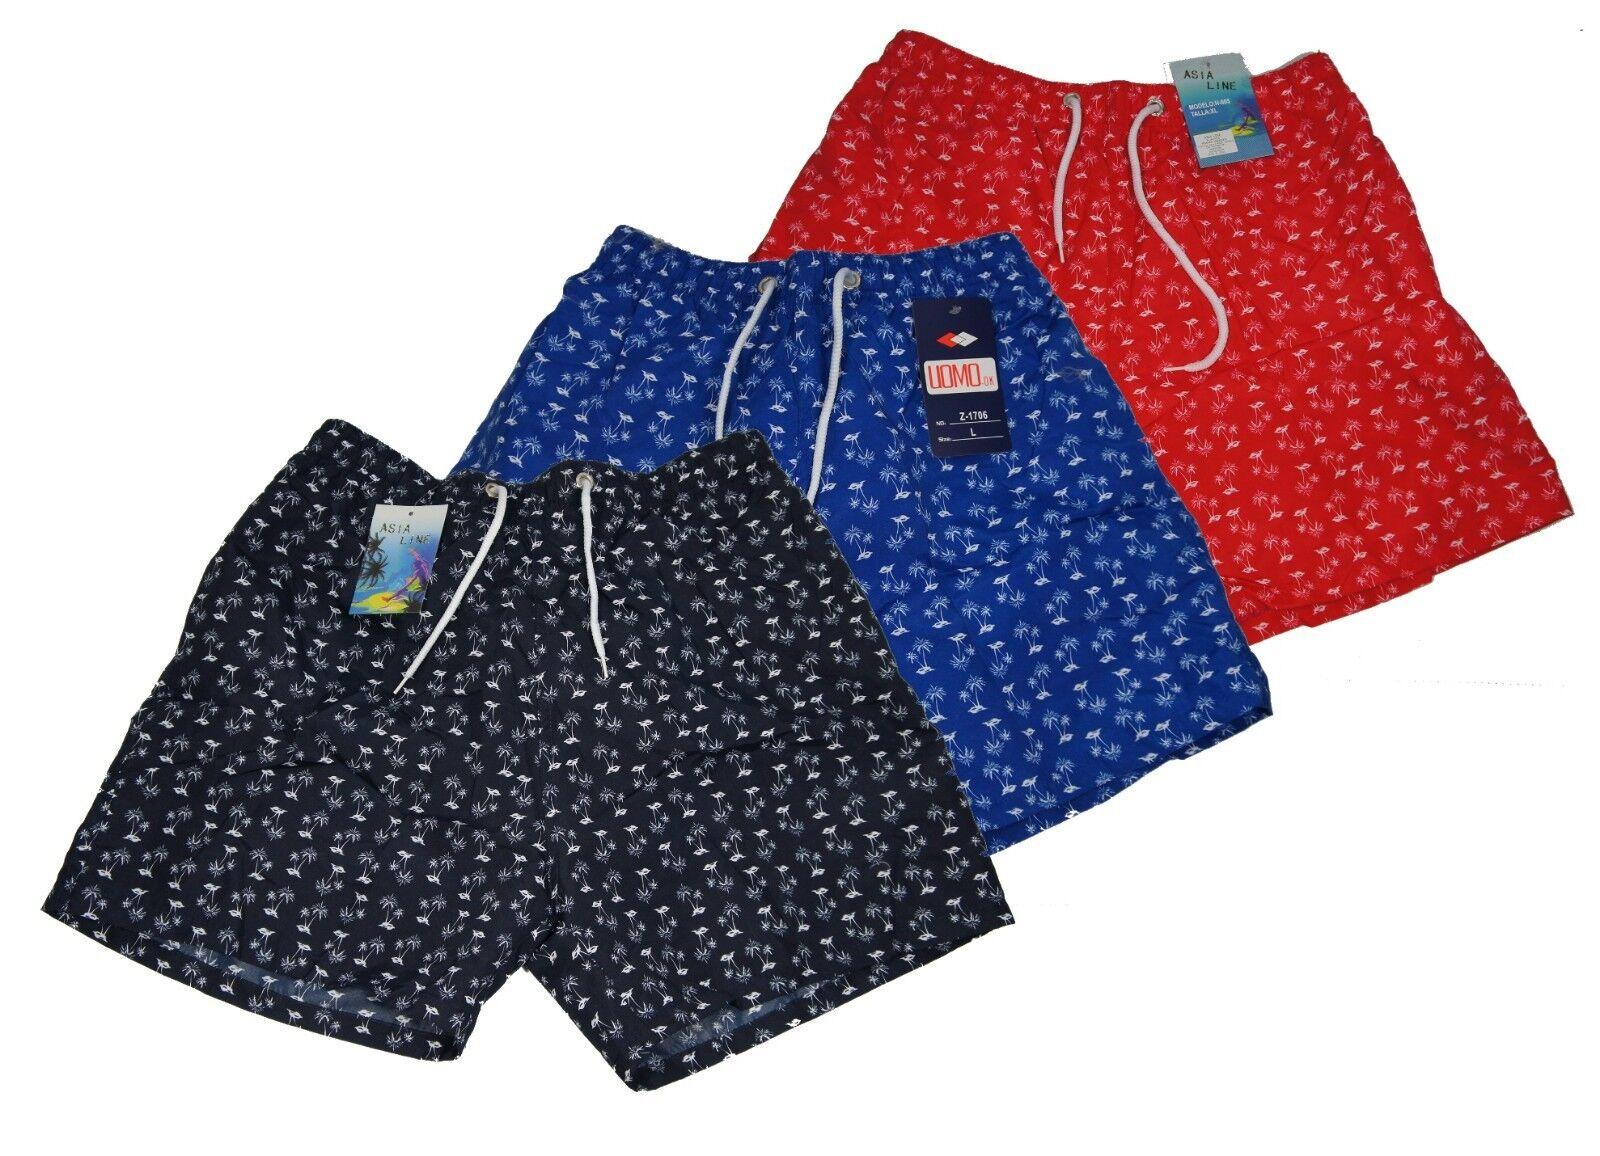 Herren Bermuda Shorts Blau Rot Schwarz Palmen Sport Badehose Hose Neu Kurz 44-56